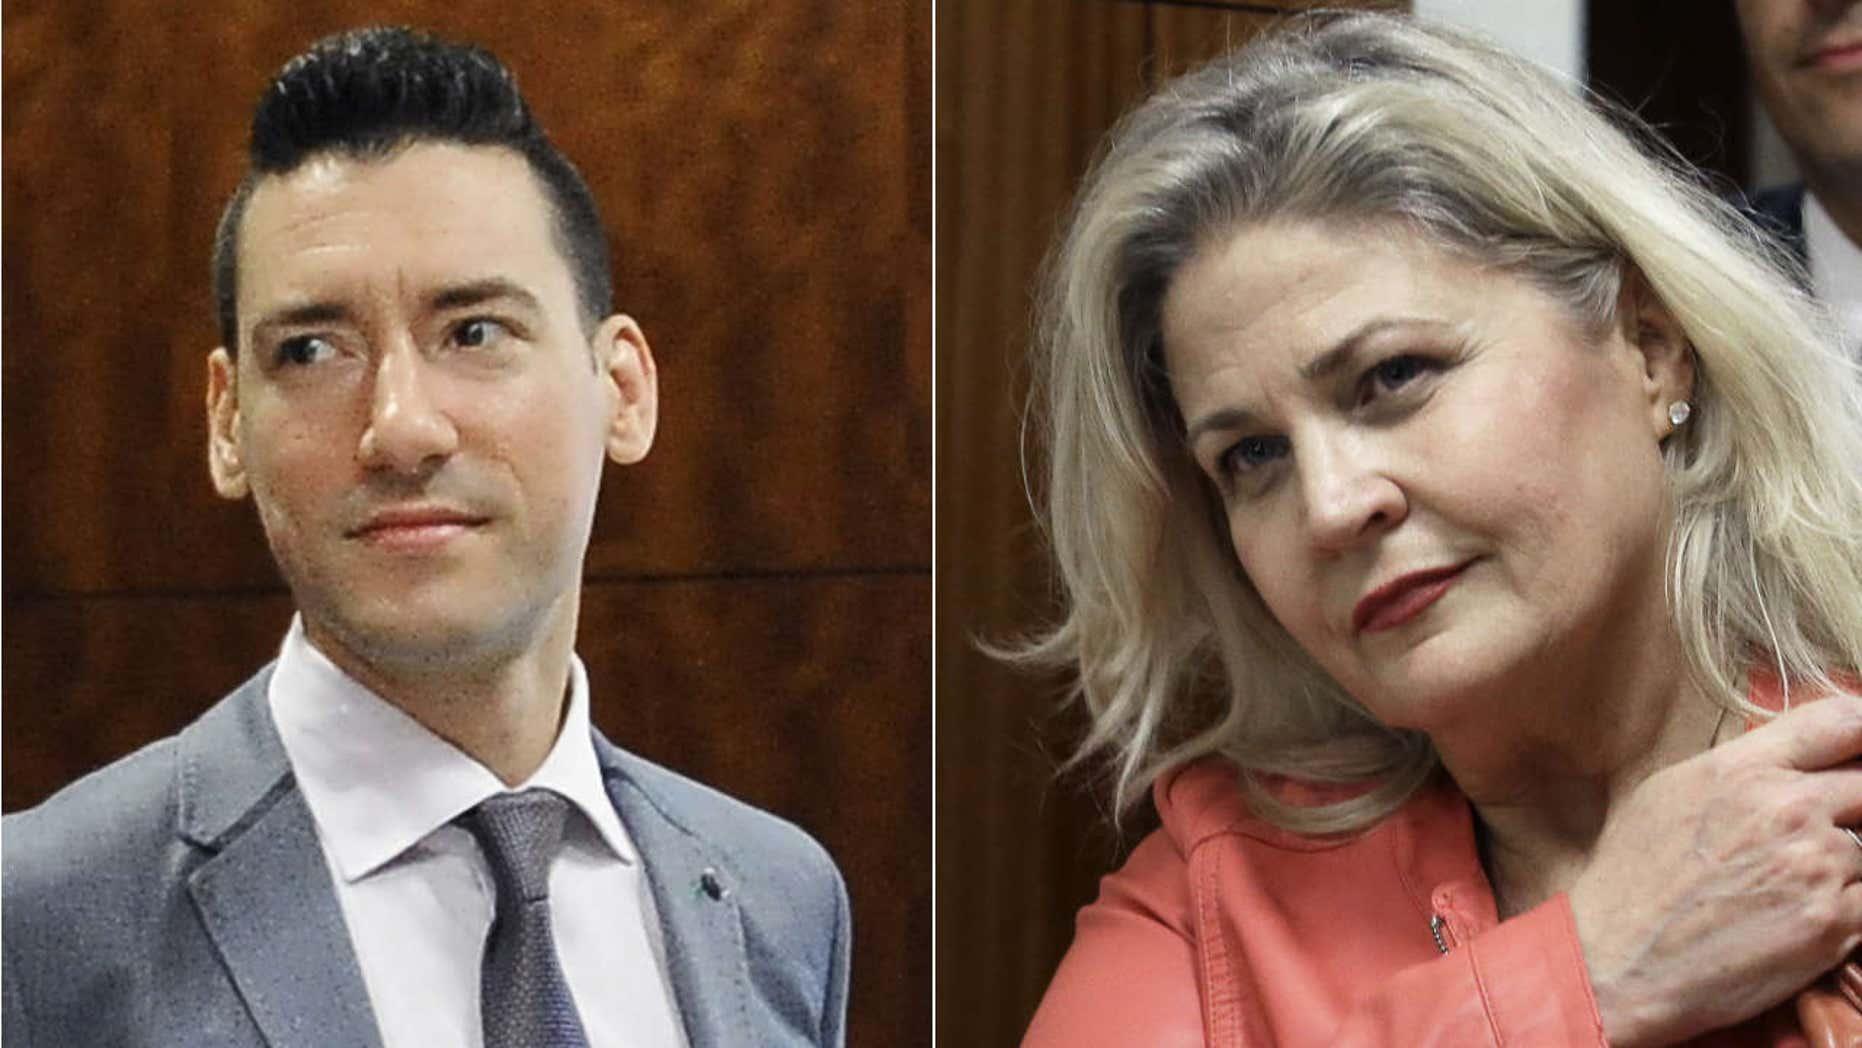 David Robert Daleiden, left, and Sandra Merritt.